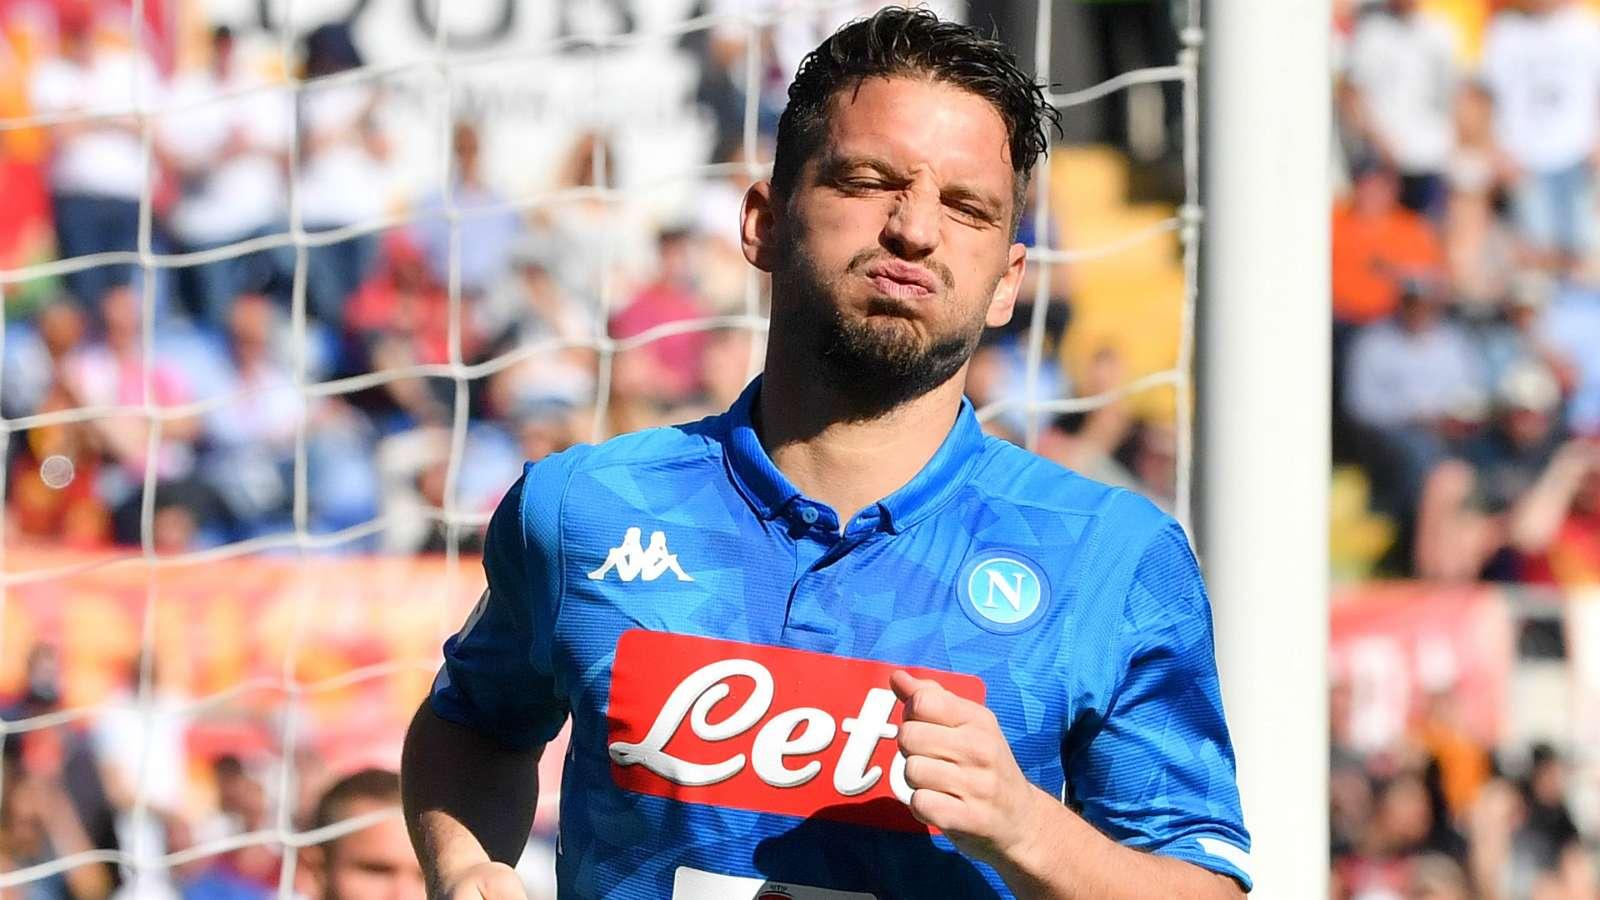 """Roma-Napoli 1-4, infortunio Mertens: """"Problema al ginocchio ma sto bene"""" - NAPOLI CALCIO"""